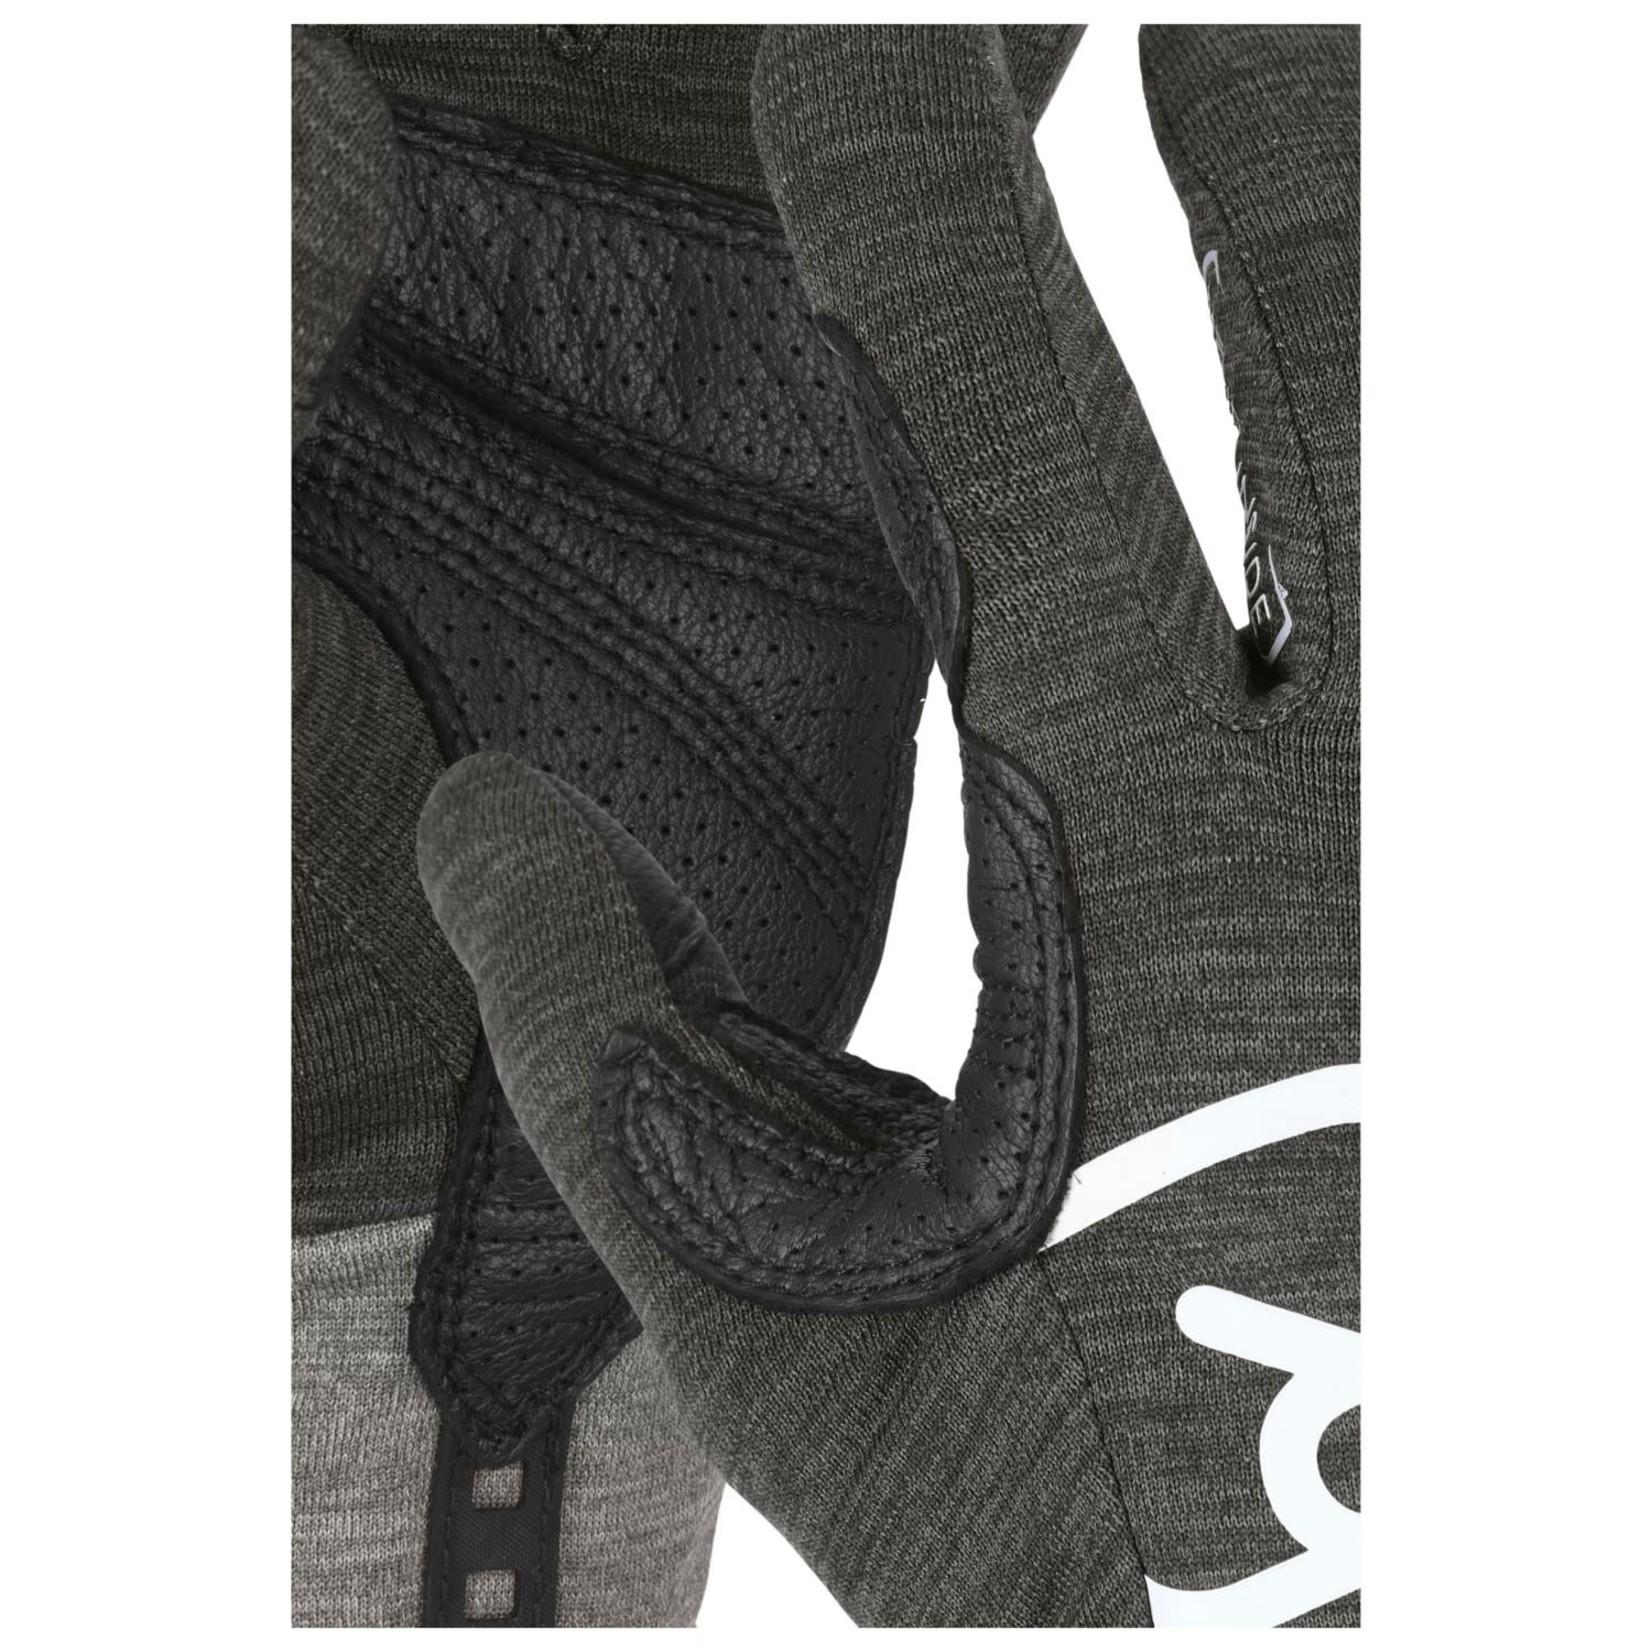 Ortovox Gant Ortovox Fleece Light en mérinos - Femme